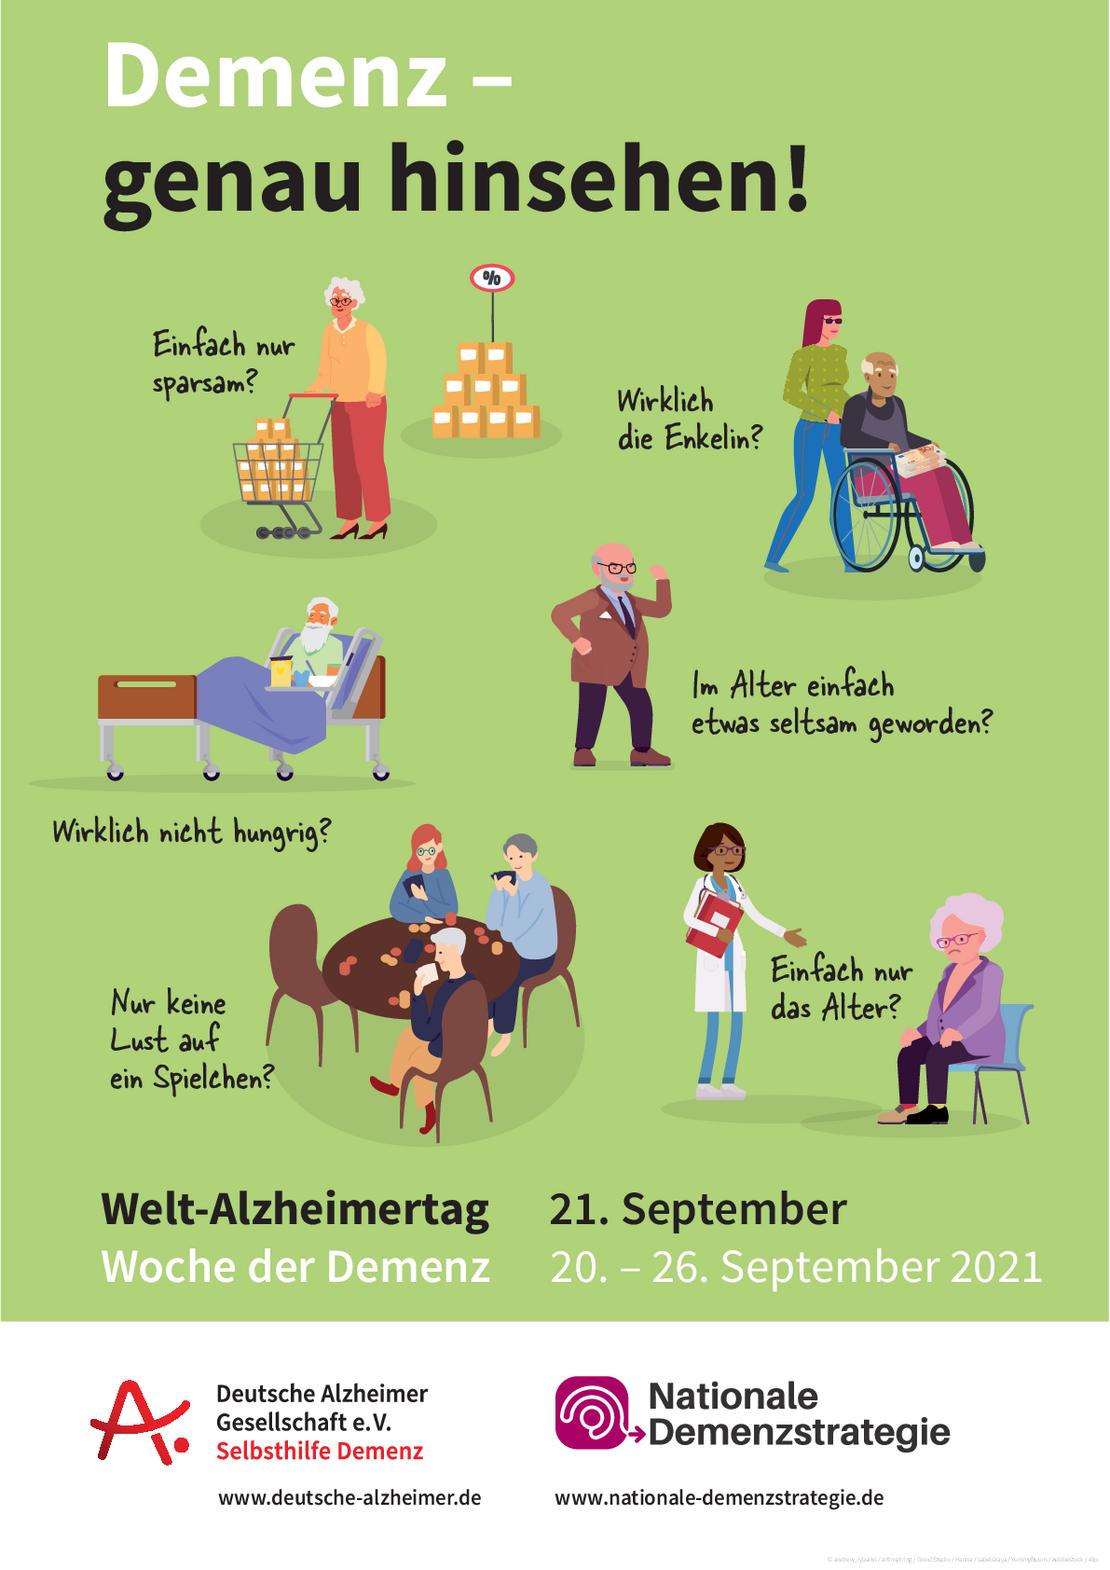 Poster zum WAT-Motto Demenz - genau hinsehen!